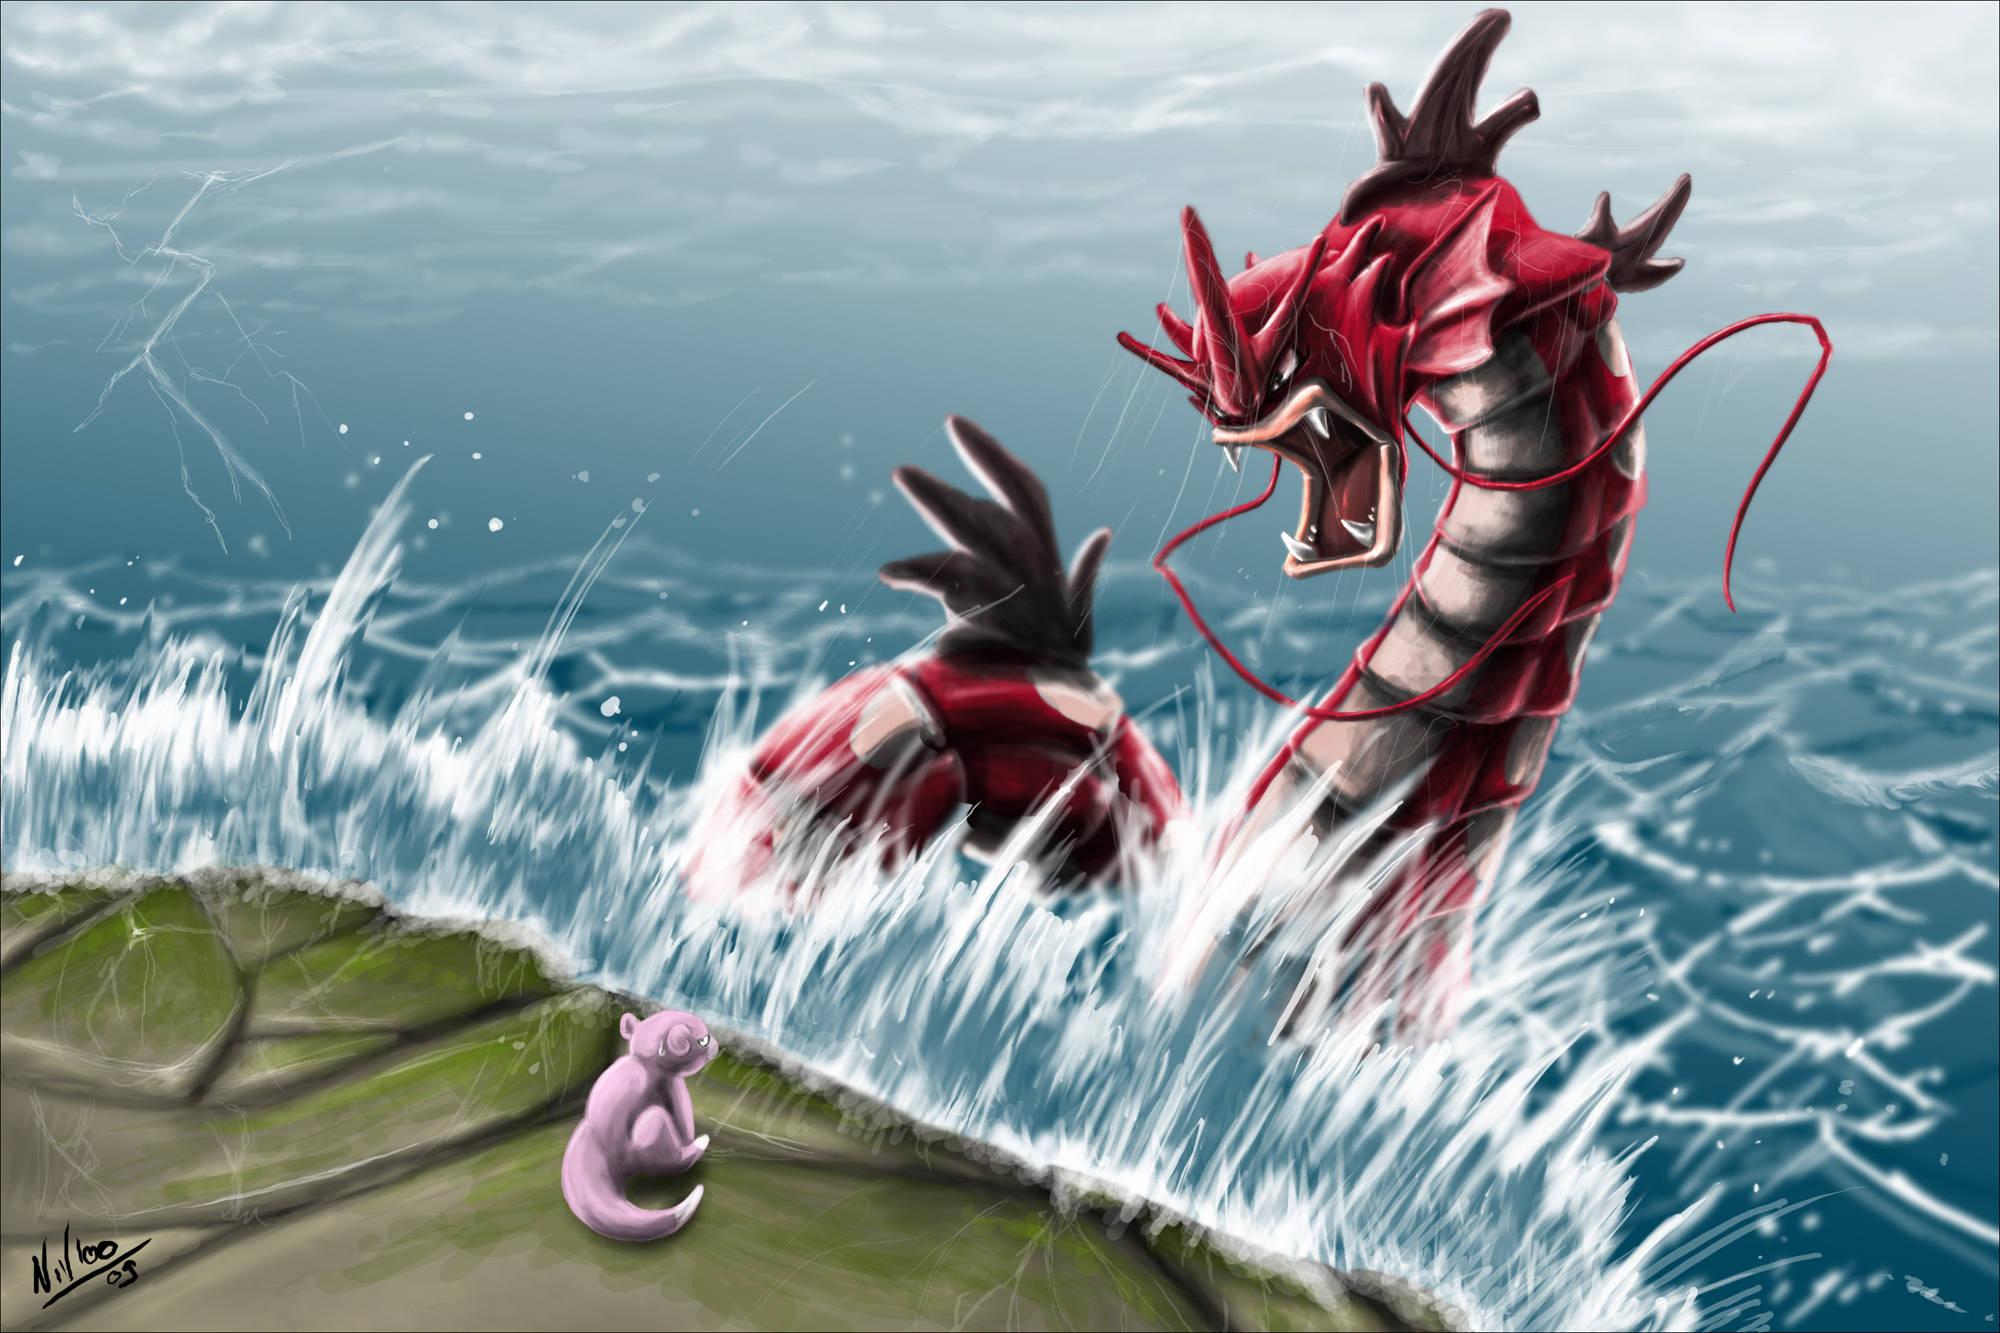 Pokemon 20001333 Wallpaper 625845 2000x1333